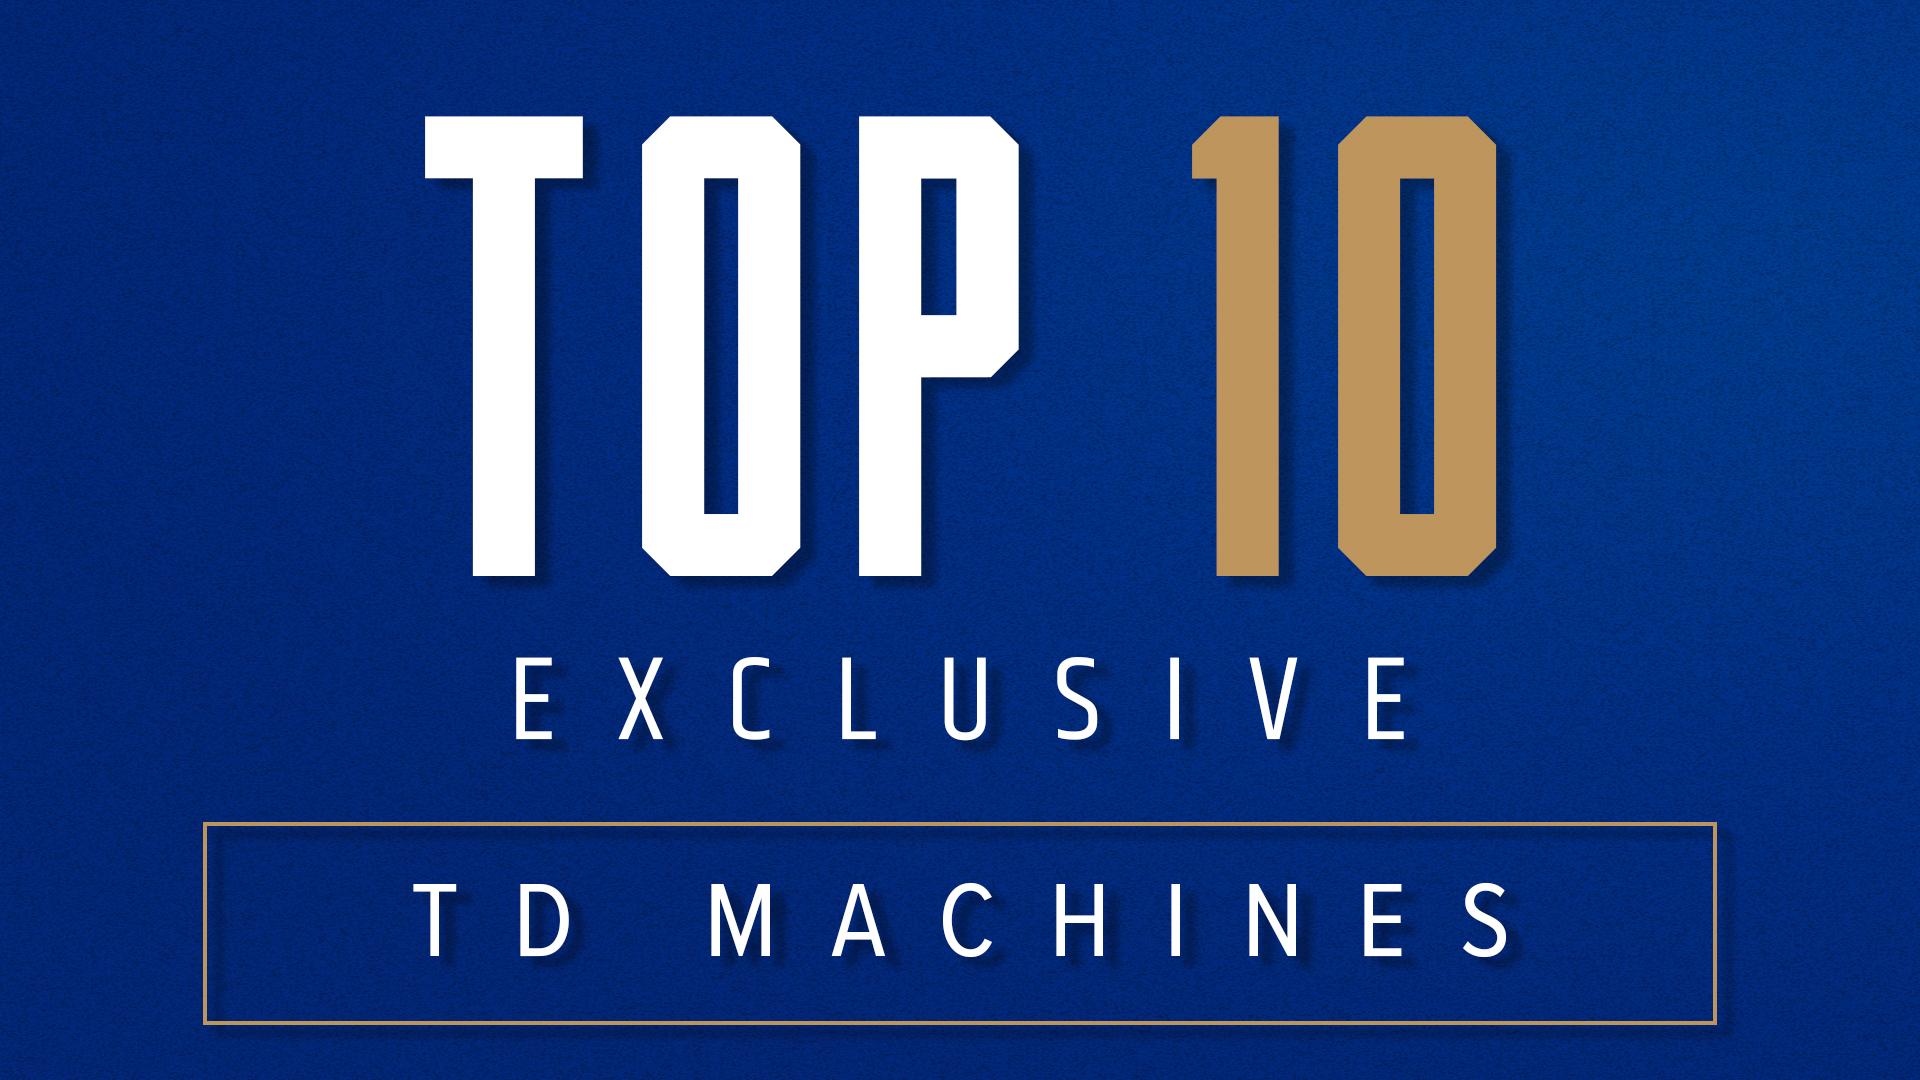 Top 10 TD Machines